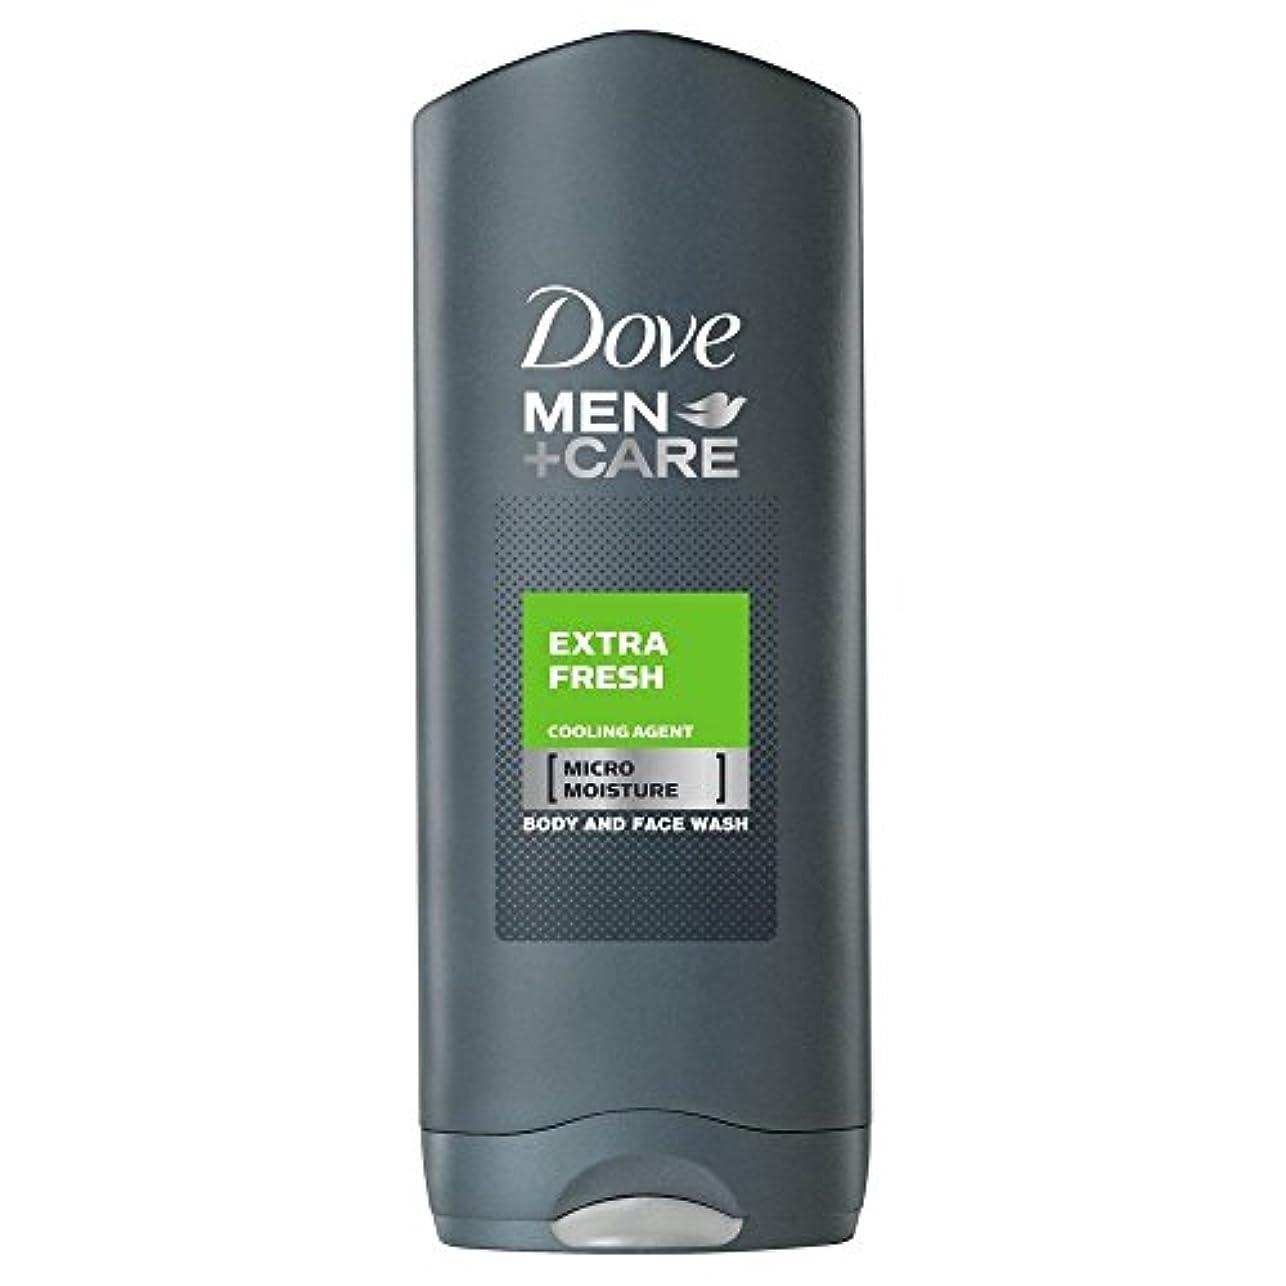 征服者道徳教育語Dove Men + Care Body & Face Wash - Extra Fresh (250ml) 鳩の男性は+ボディと洗顔ケア - 余分な新鮮な( 250ミリリットル)を [並行輸入品]